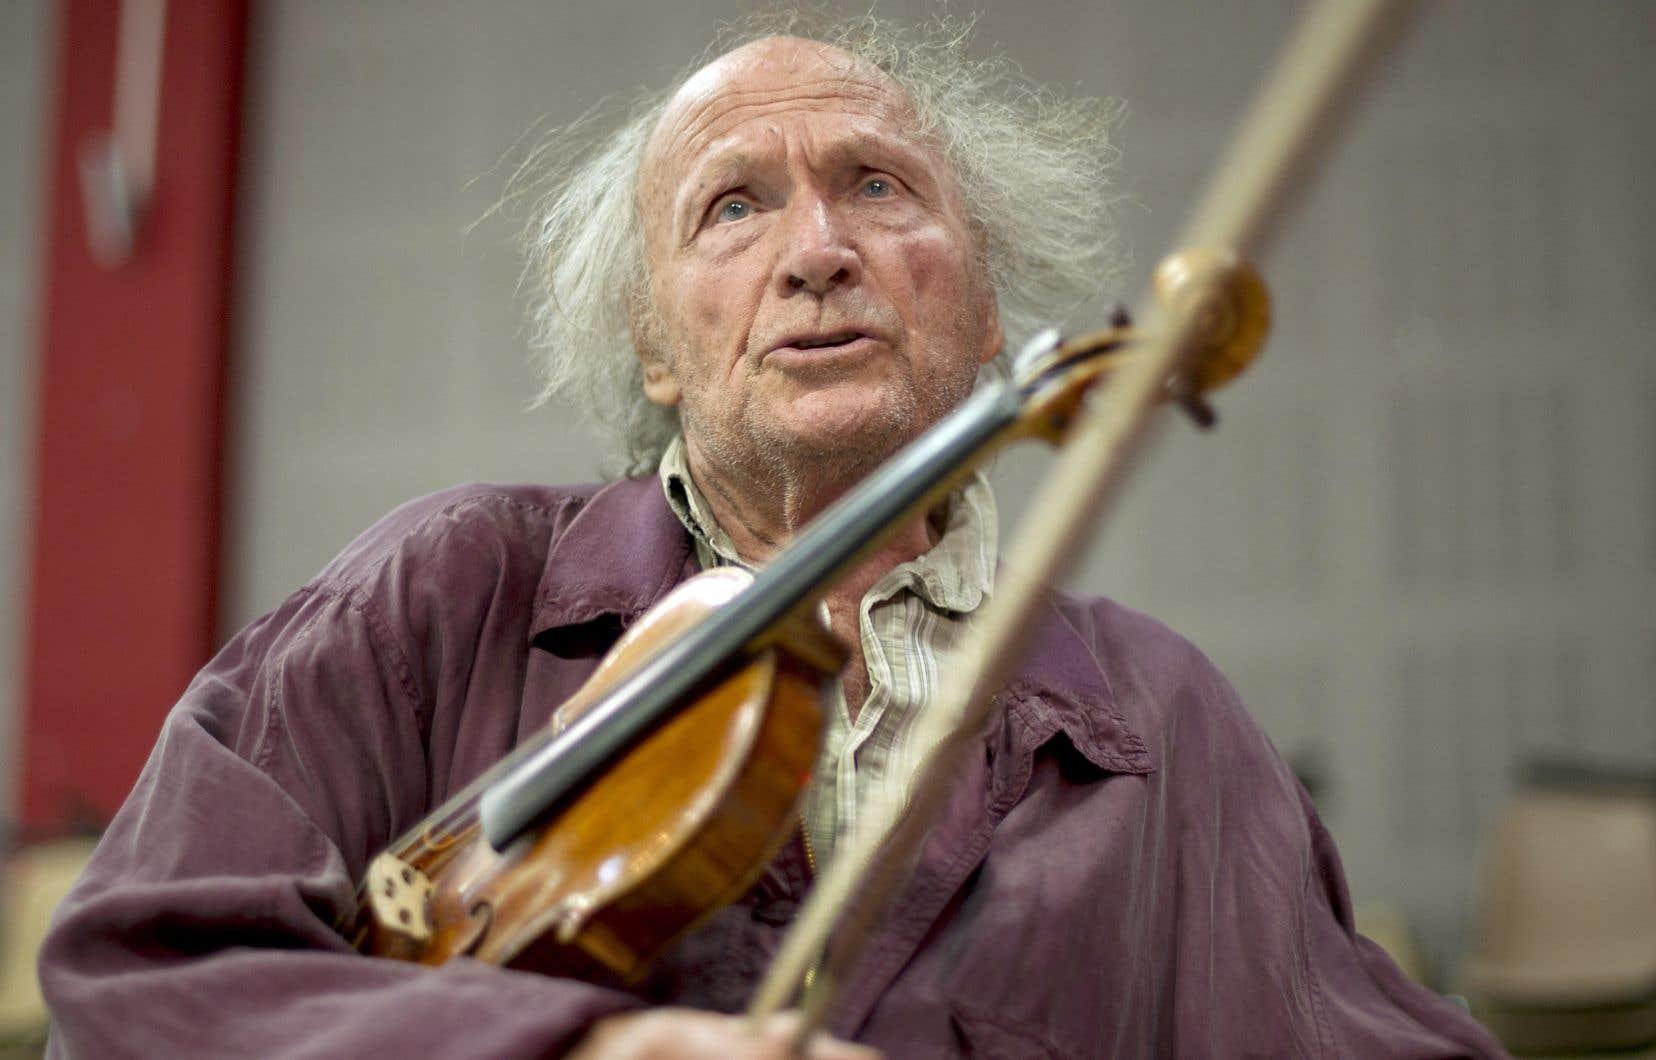 Indépendance de pensée,  tempérament fougueux,  personnalité  unique, le  violoniste Ivry Gitlis ne rentrait pas dans les  cadres. Le voici ici en répétition avec un ensemble musical  à Marseille  en 2011.